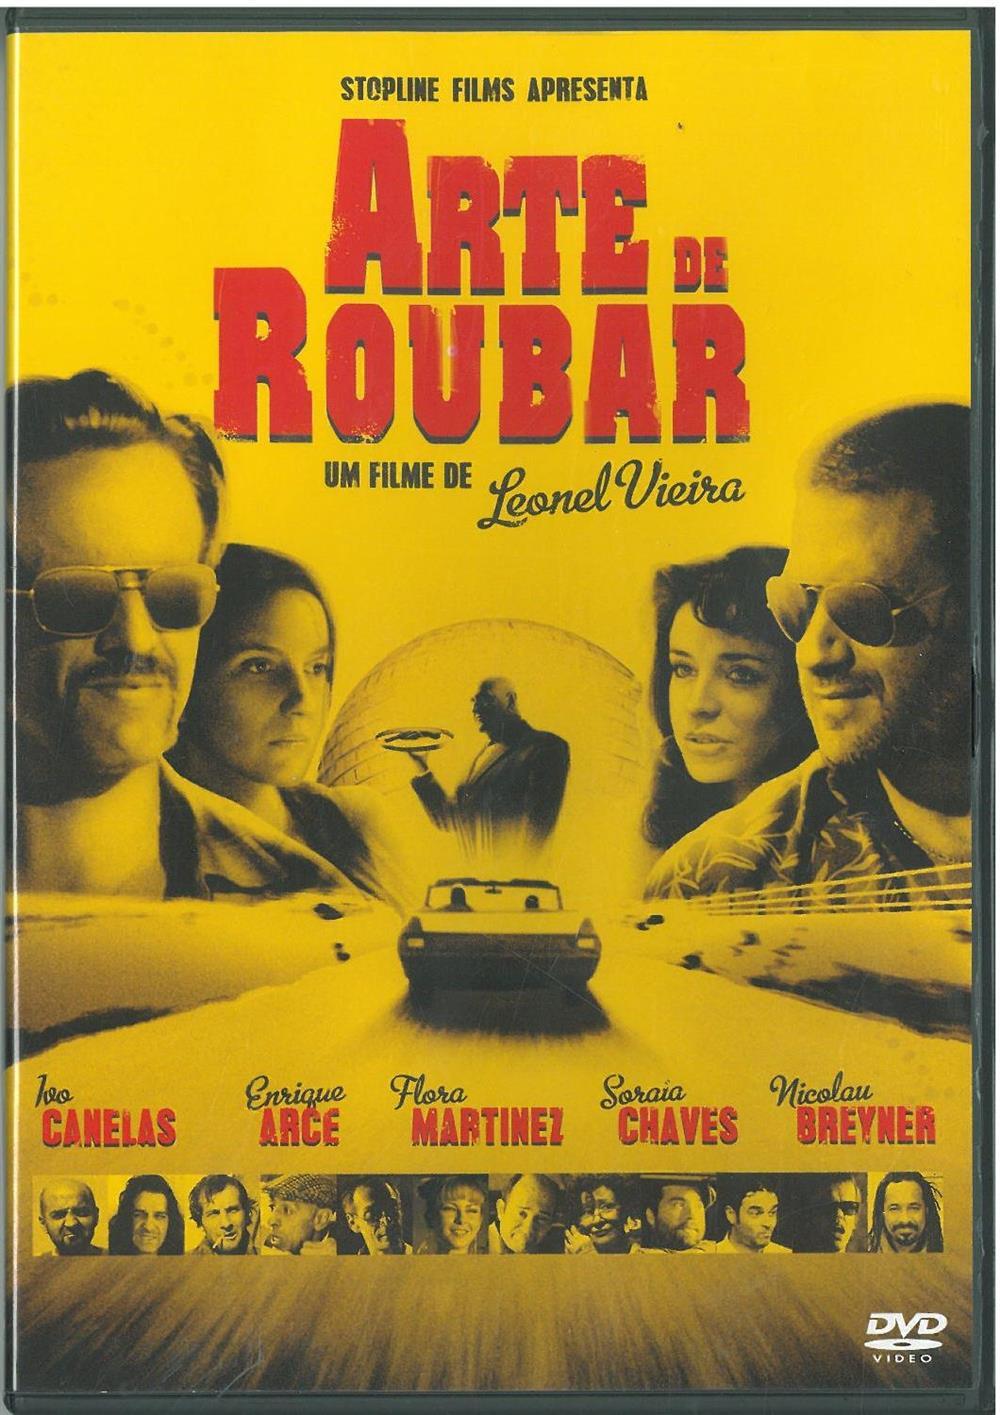 Arte de roubar_DVD.jpg